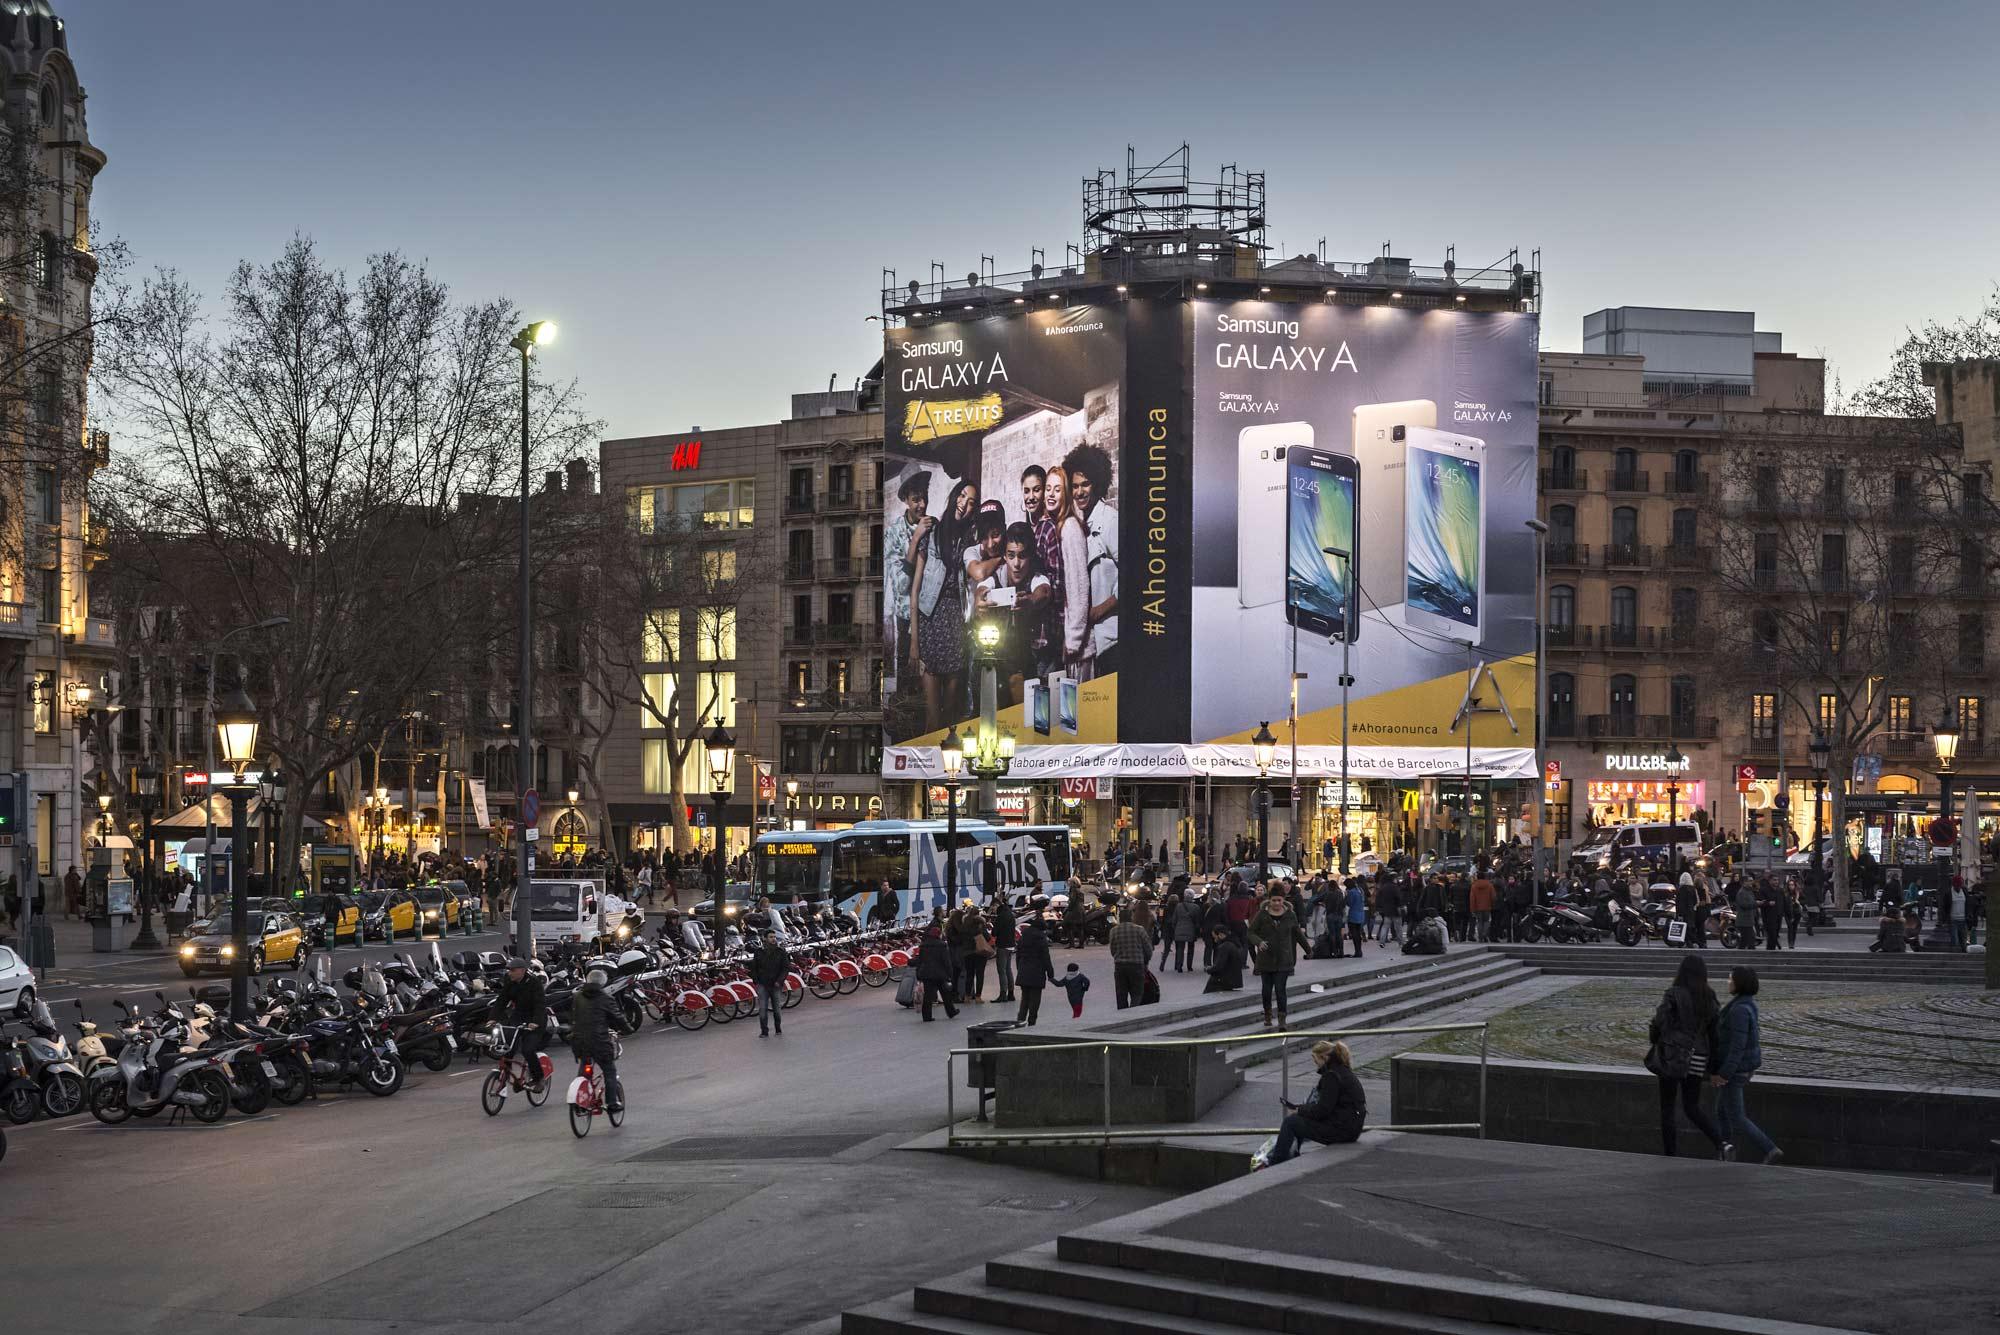 lona-publicitaria-barcelona-samsung-galaxy-A-pelayo-noche-vsa-comunicacion